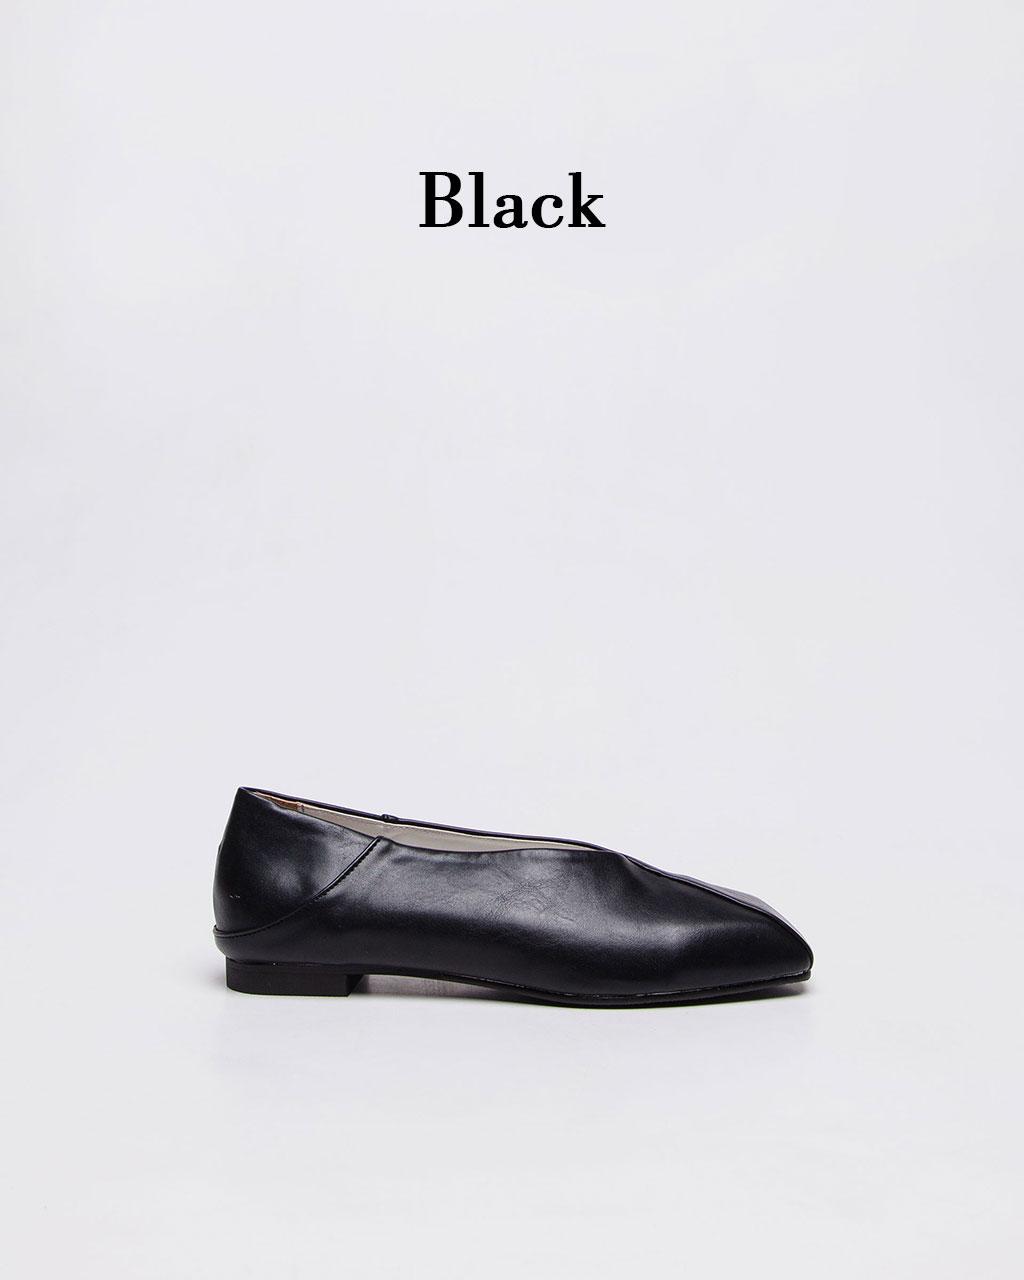 Tagtraume Leaf-04 - Black(블랙)